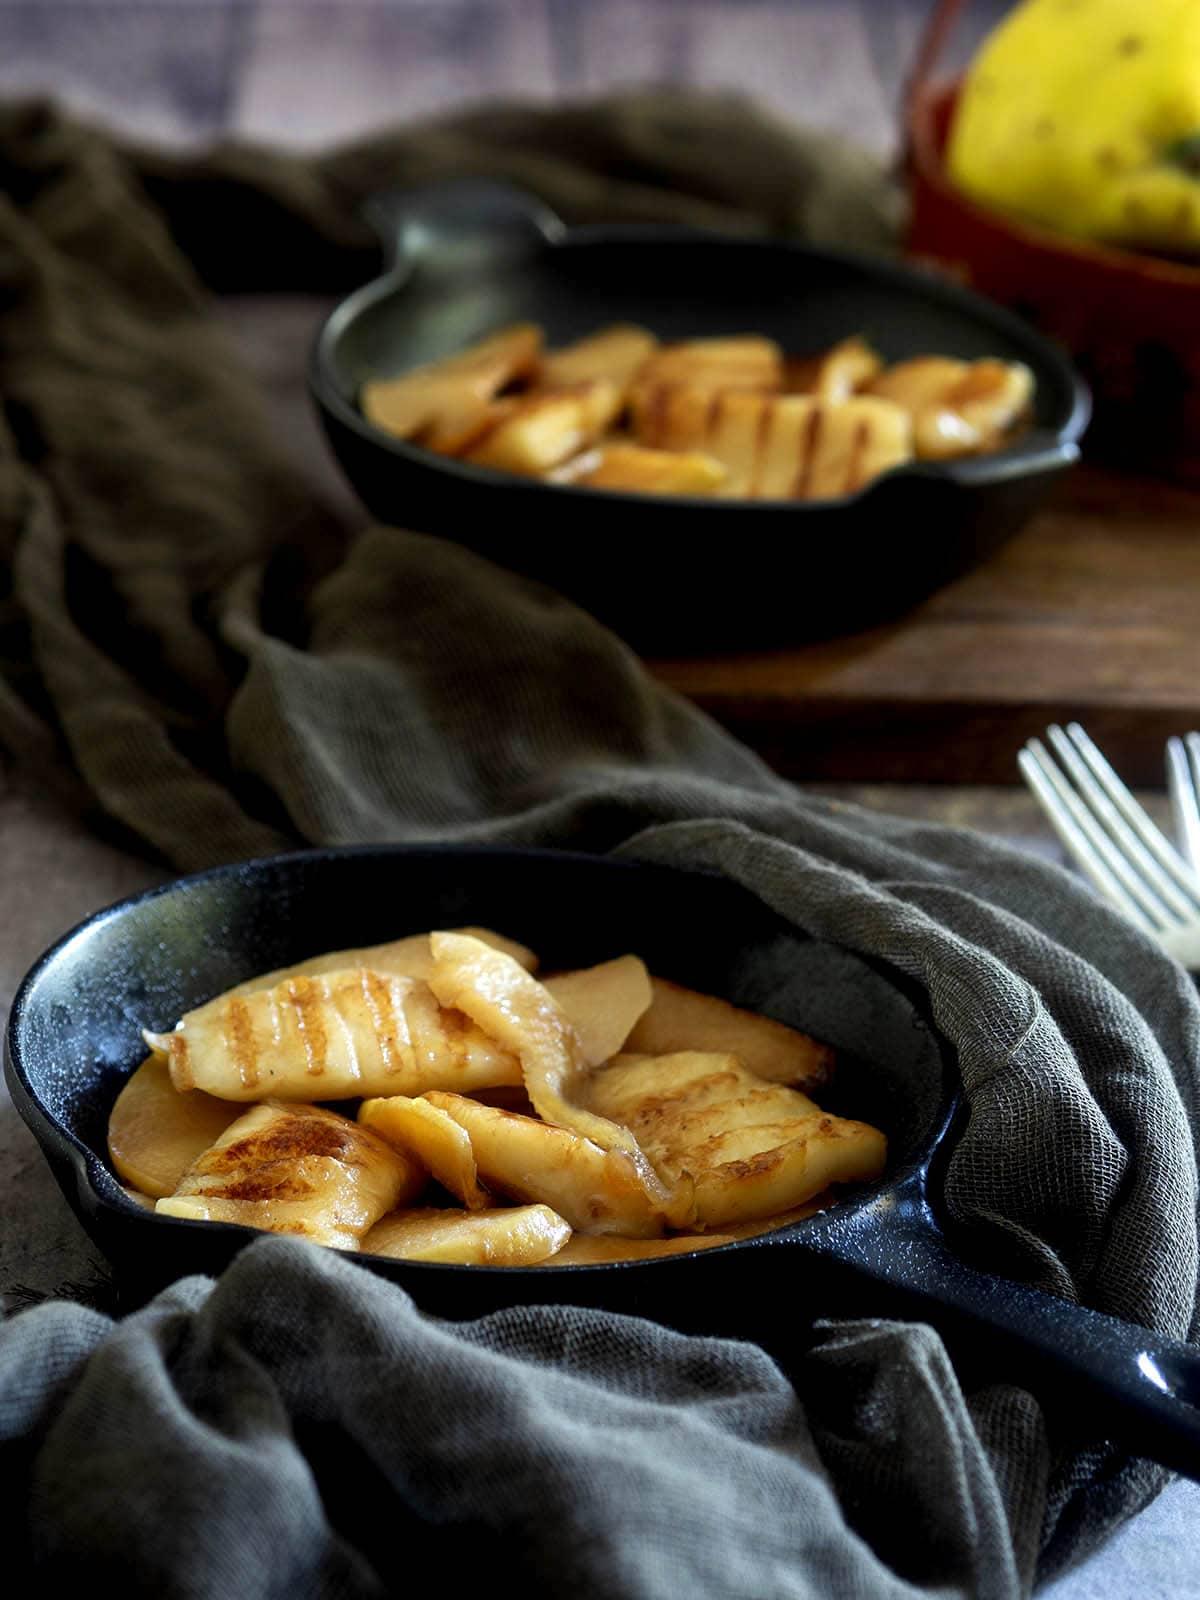 τυρί Μαστέλο σαγανάκι με καραμελωμένα κυδώνια